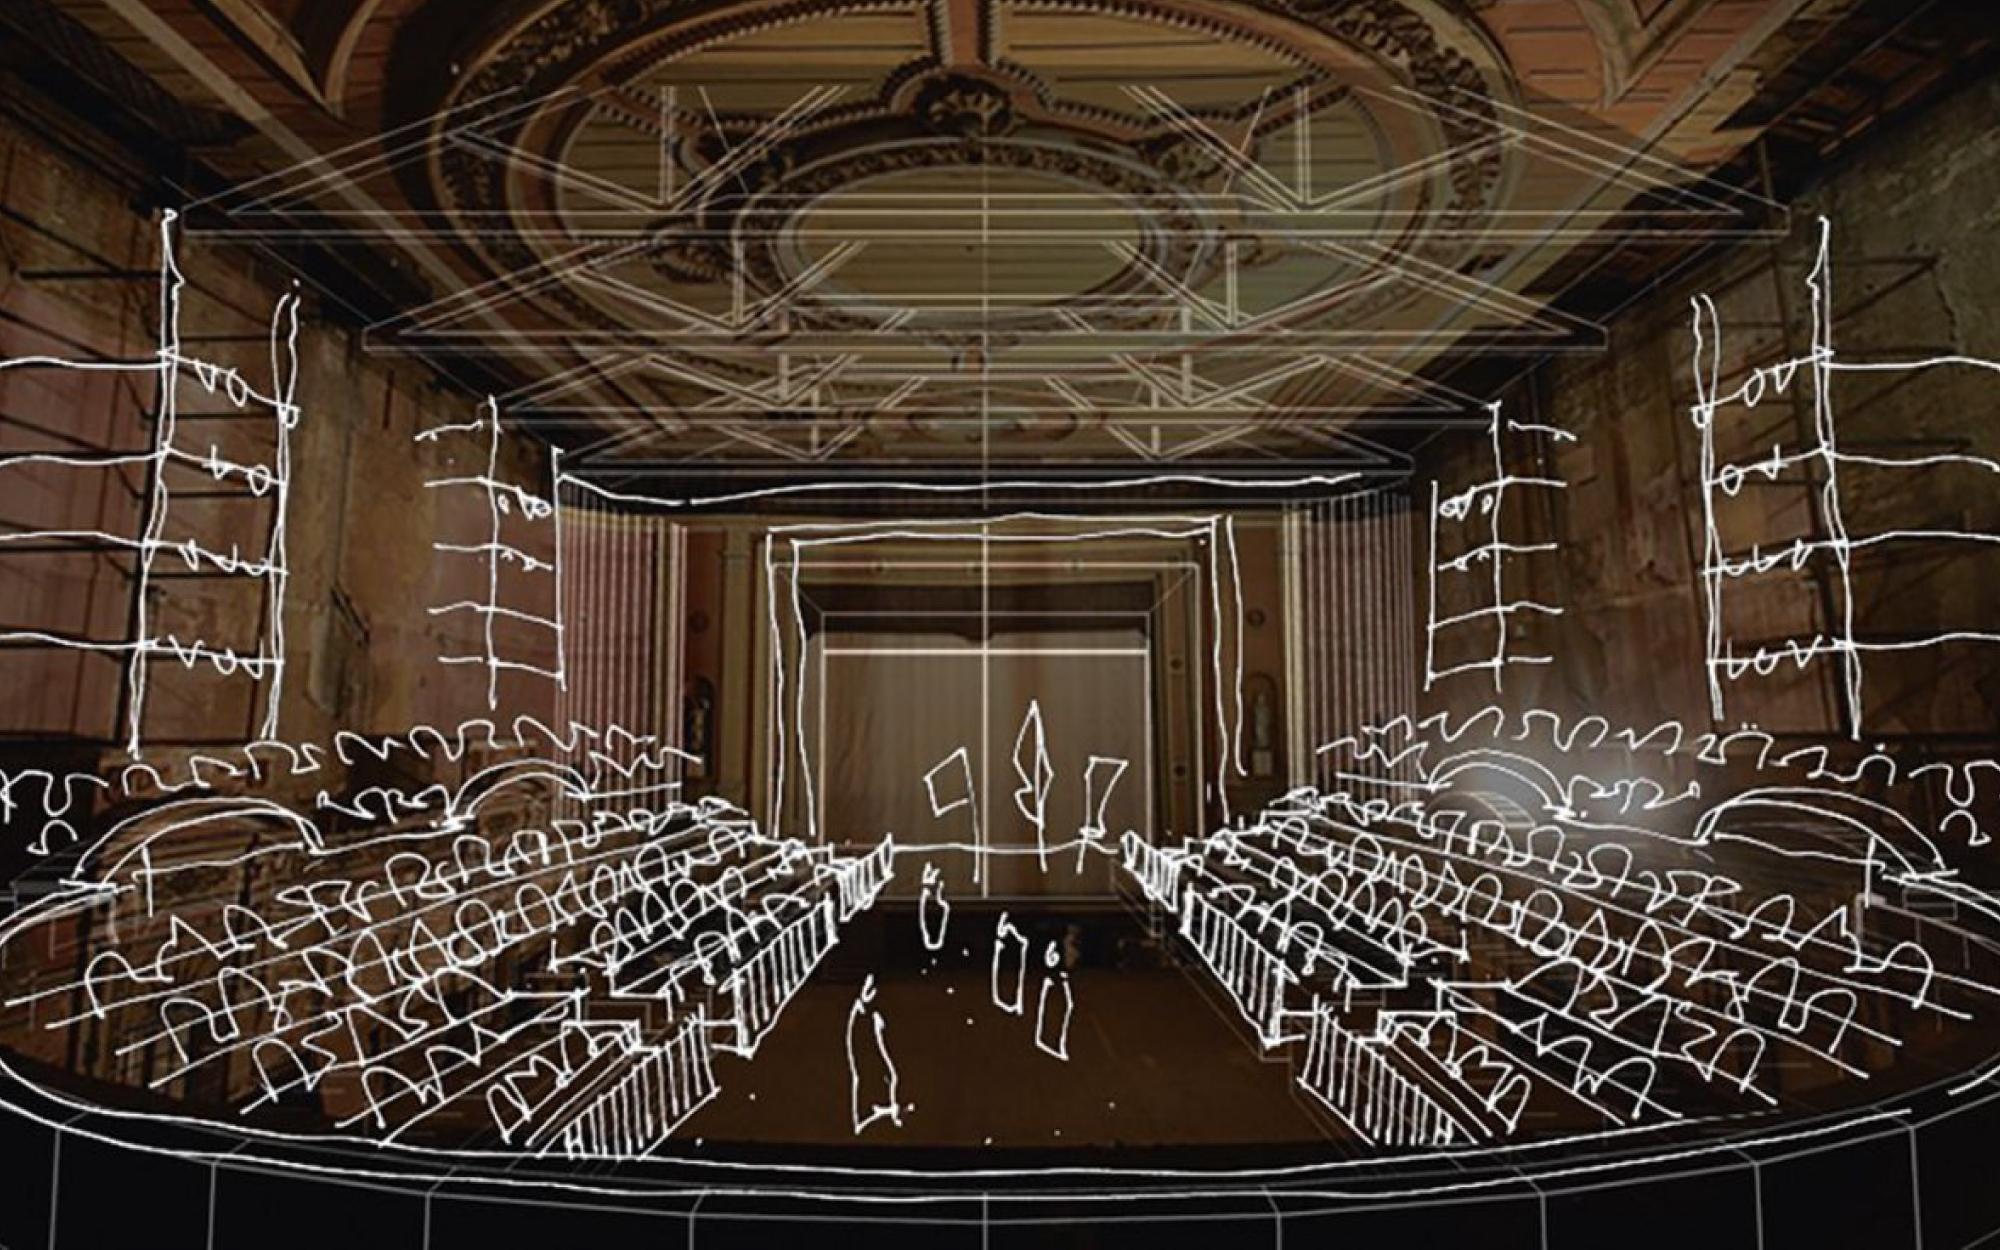 Virtual theater tour